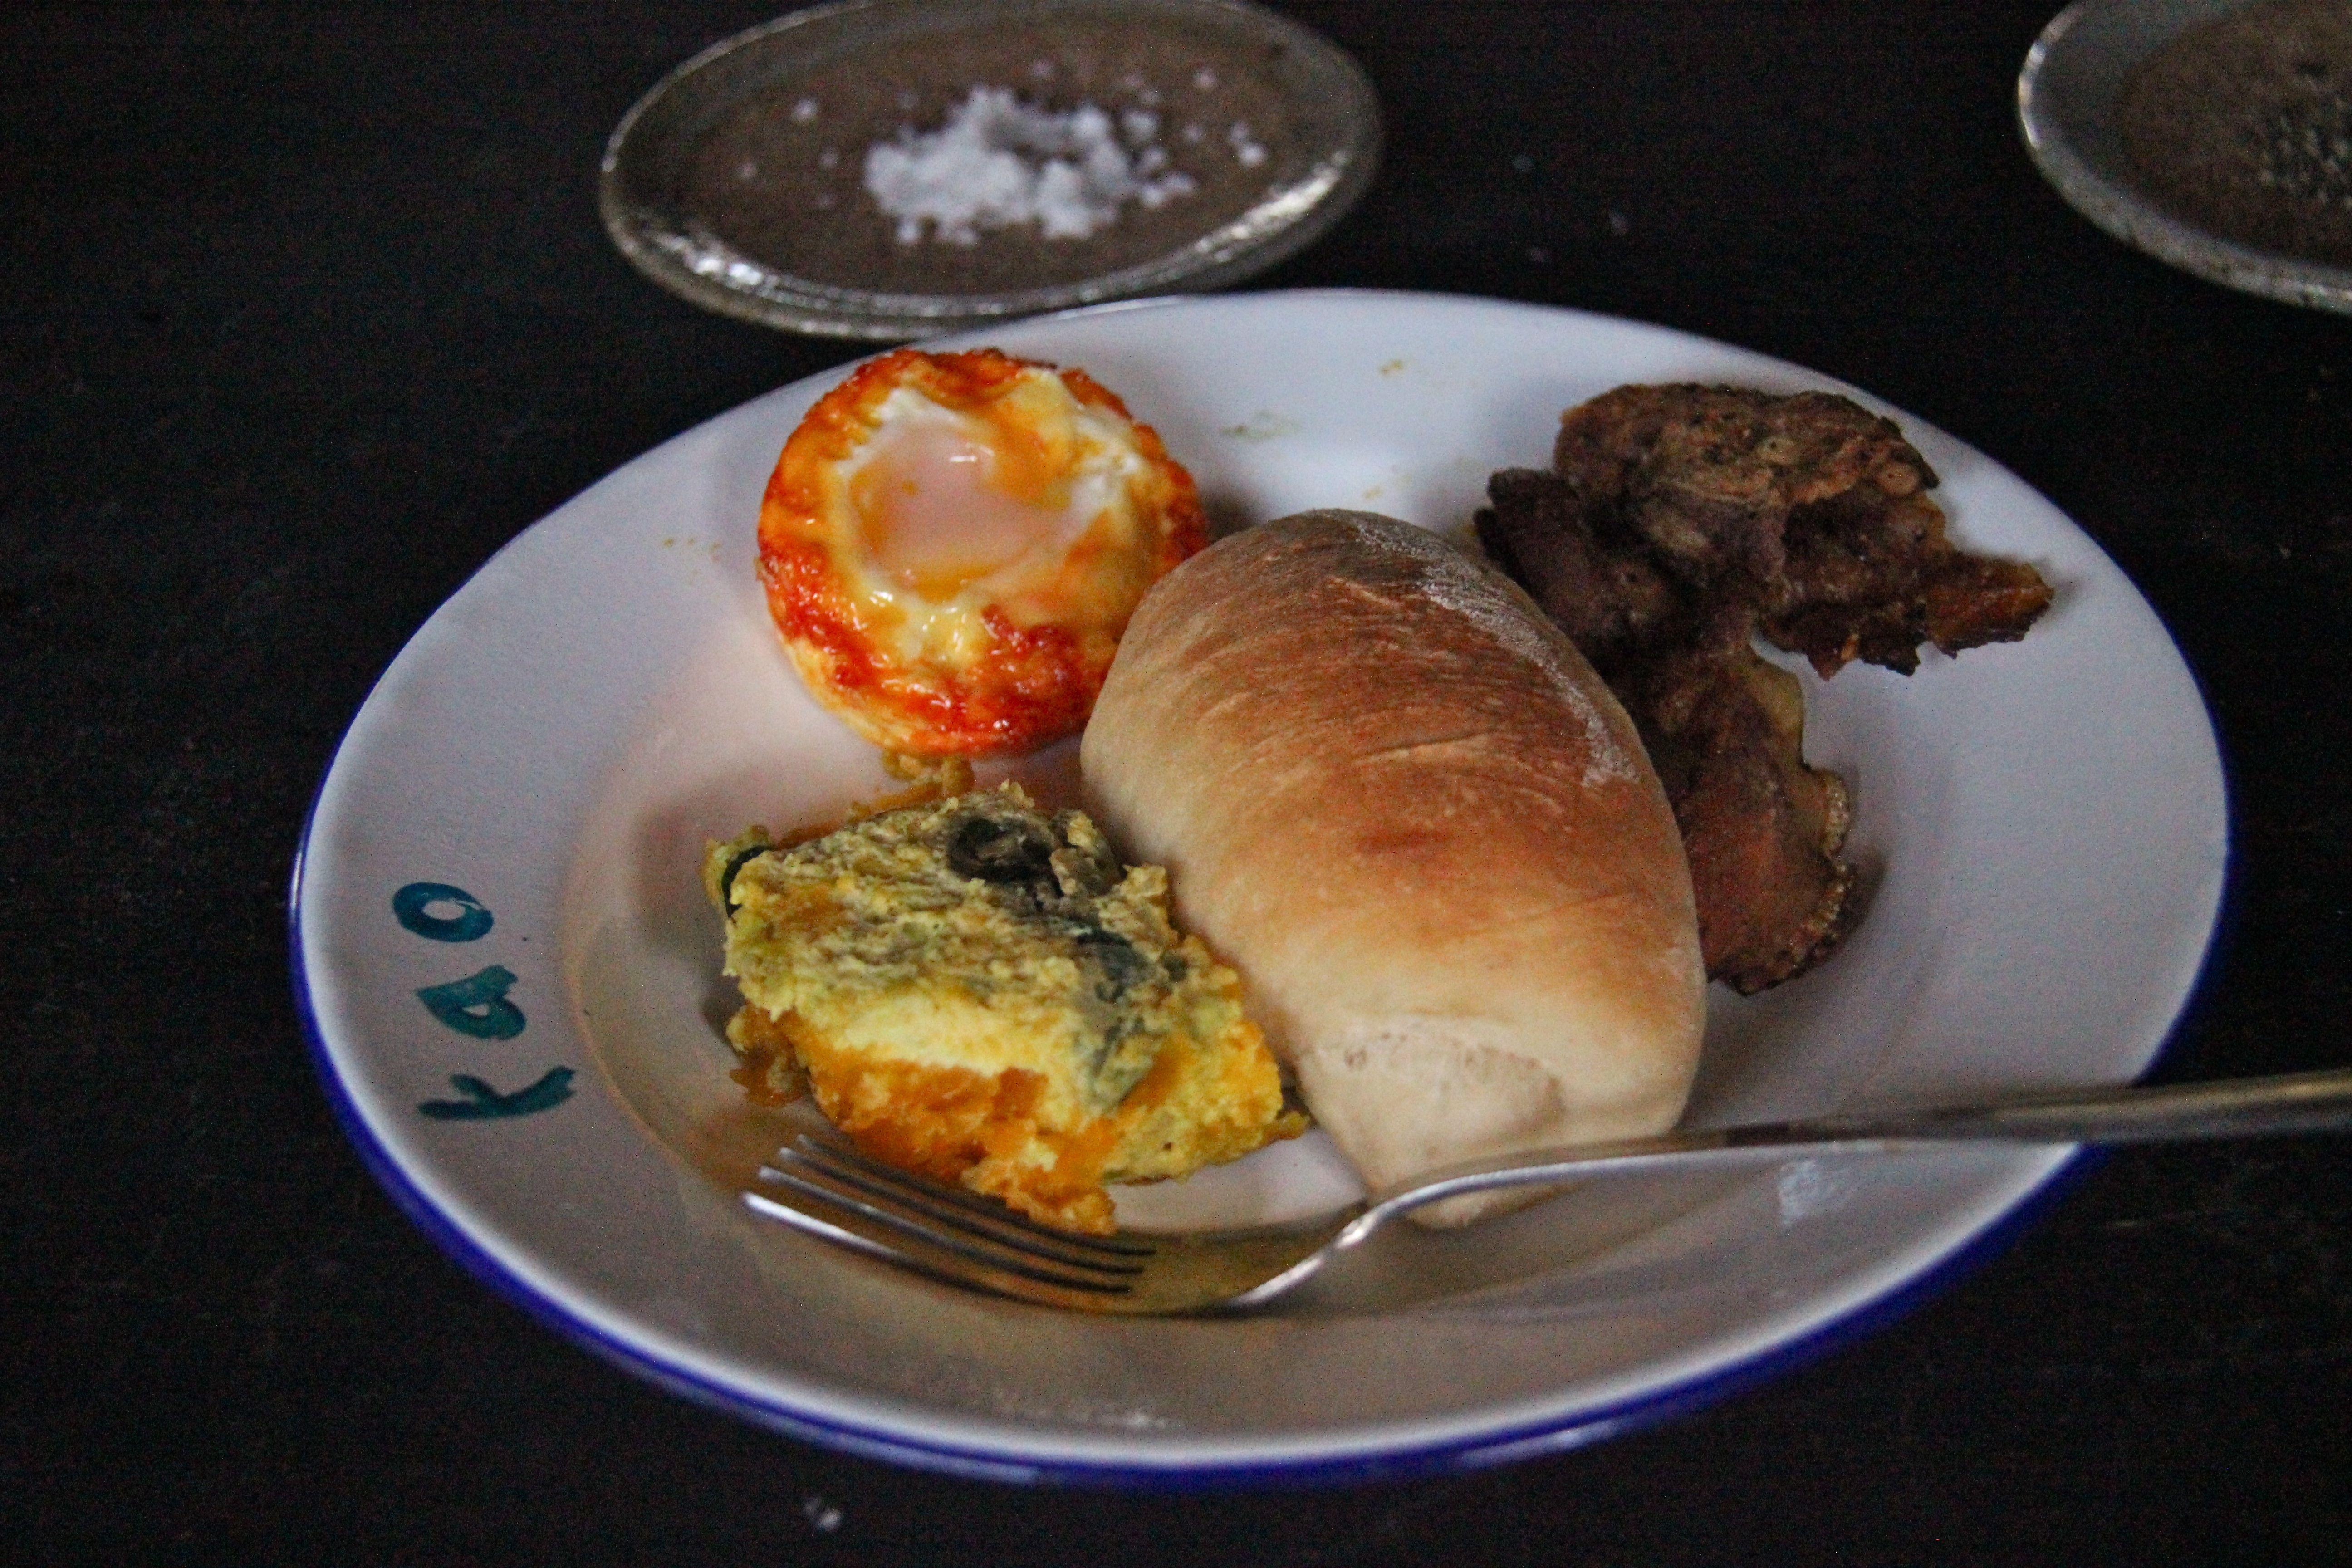 Oeuf cocotte, pain à l'eau de coco, bacon maison et flan de courge